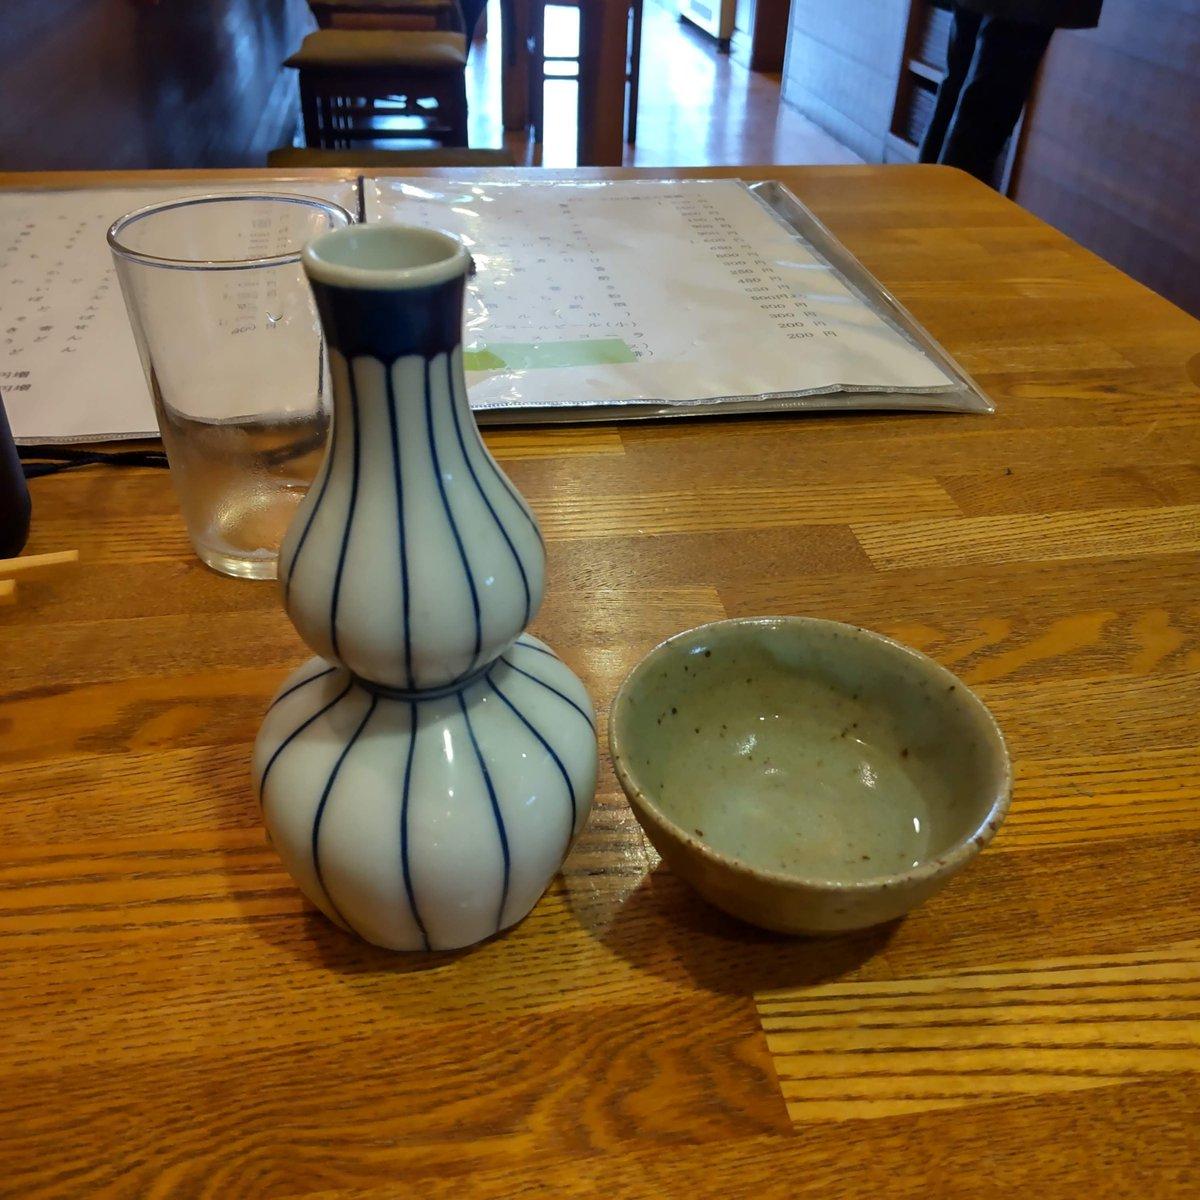 test ツイッターメディア - 越乃寒梅600 「冷やでいいですか?」と聞いてくれる。 常温と言わないのが嬉しいなぁ。 越乃寒梅は飲んだことあったかなぁ。 さらっとしてるとか水みたいって評判を聞いたことあったけどしっかり米を感じるよ。 5種の日本酒があるようだよ。 雪中梅、越乃寒梅、八海山、枯山水、立山。 #越乃寒梅600 https://t.co/lvmE3RJPPo